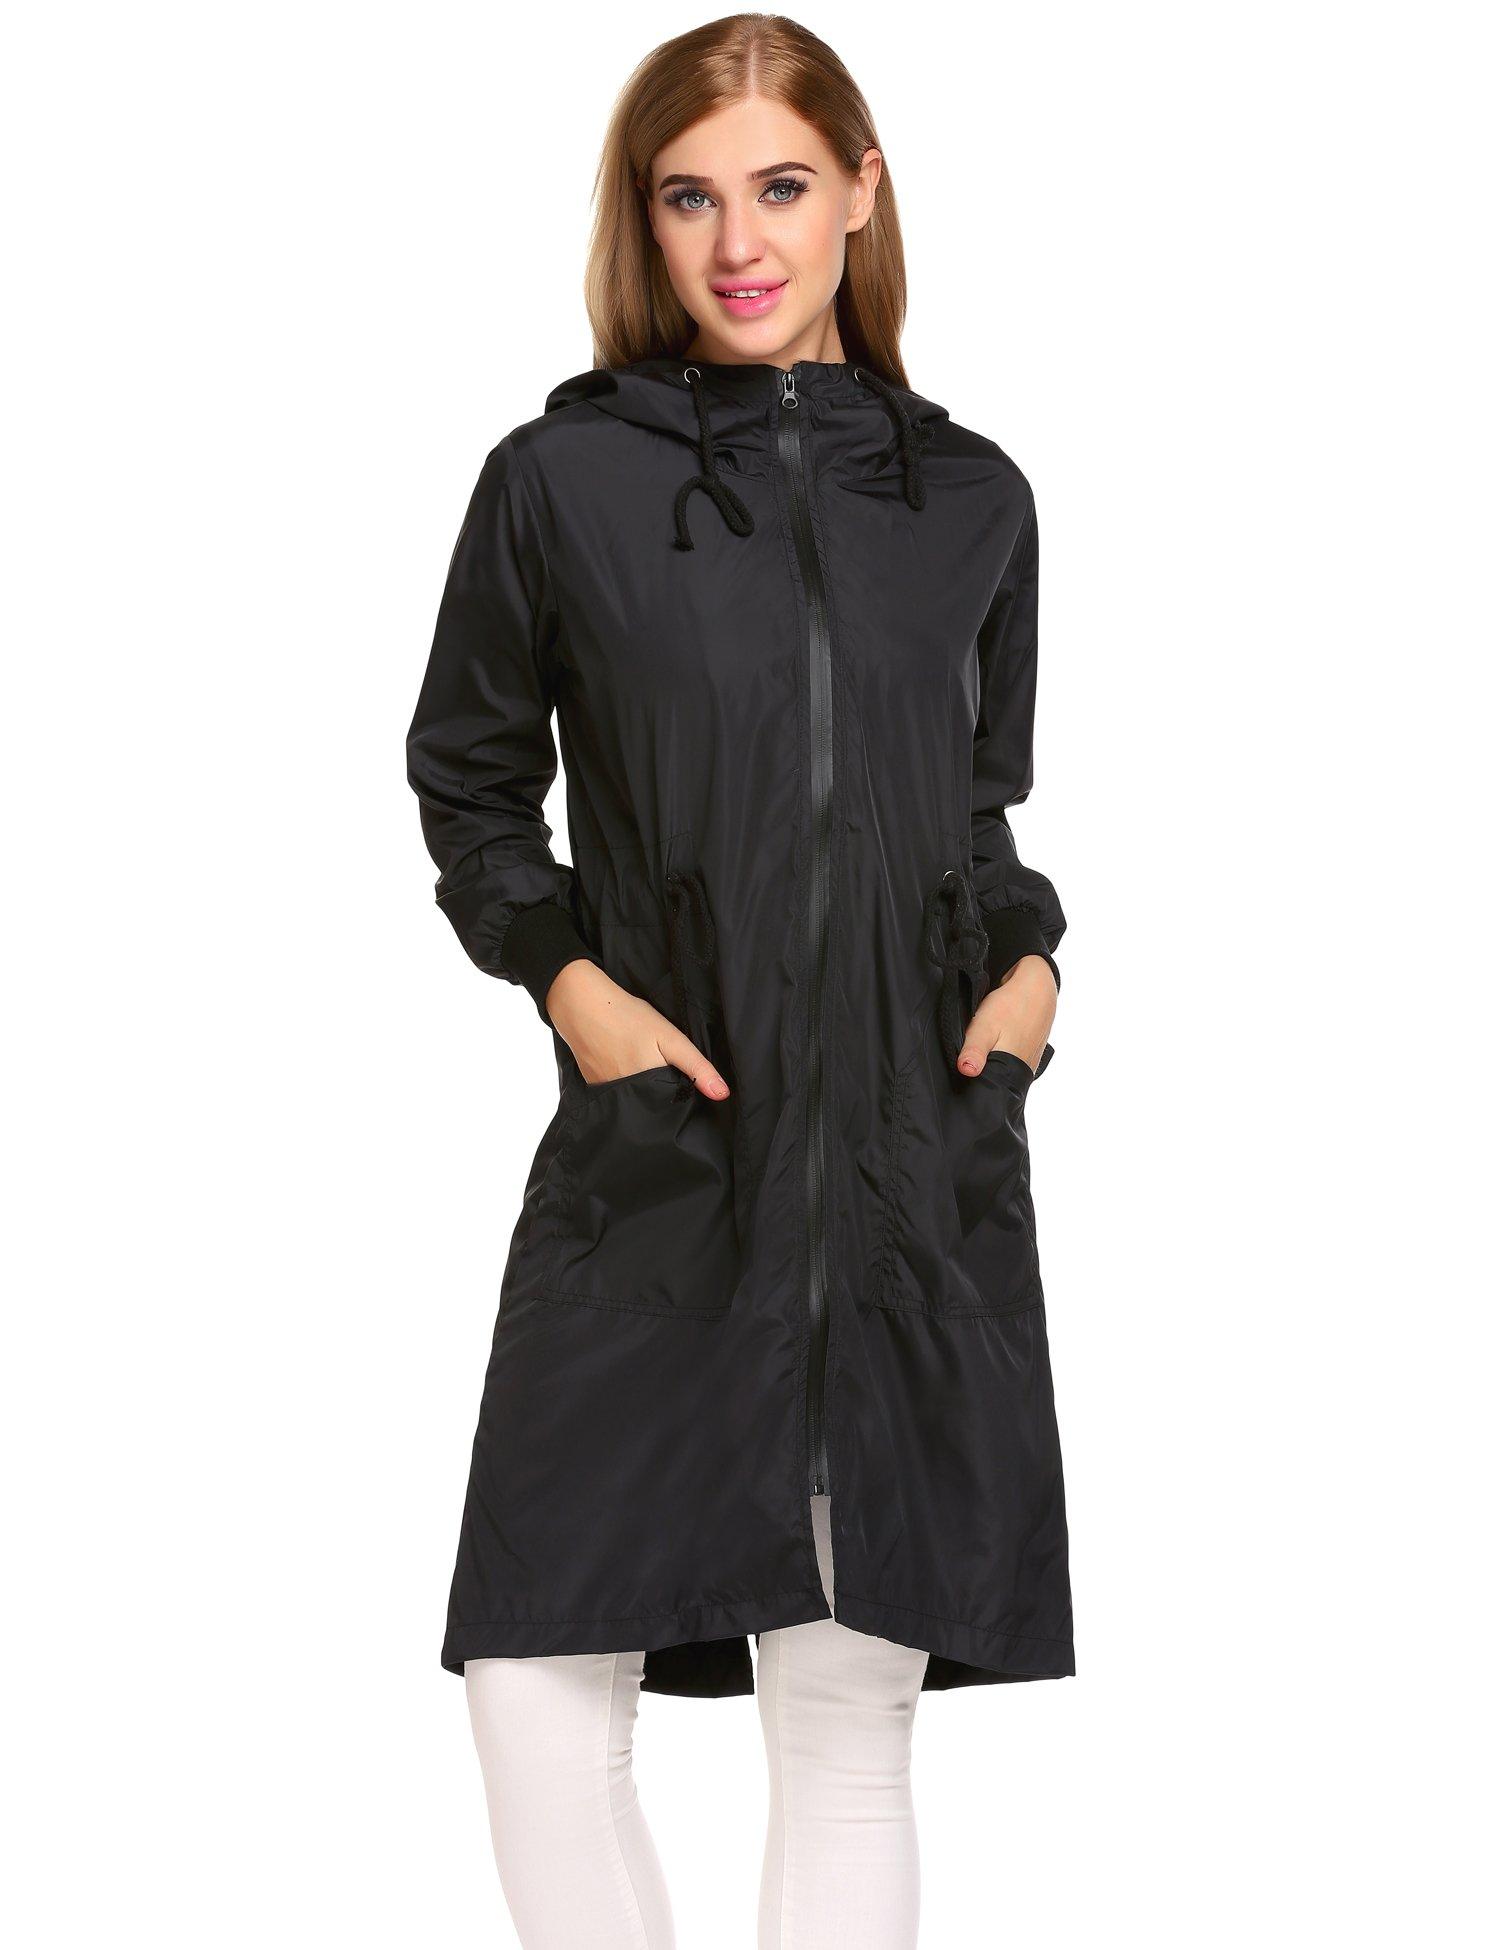 Zeagoo Women's Waterproof Front-Zip Lightweight Hoodie Hiking Cycling Outdoor Raincoat Active Jacket,Black,XXL by Zeagoo (Image #2)